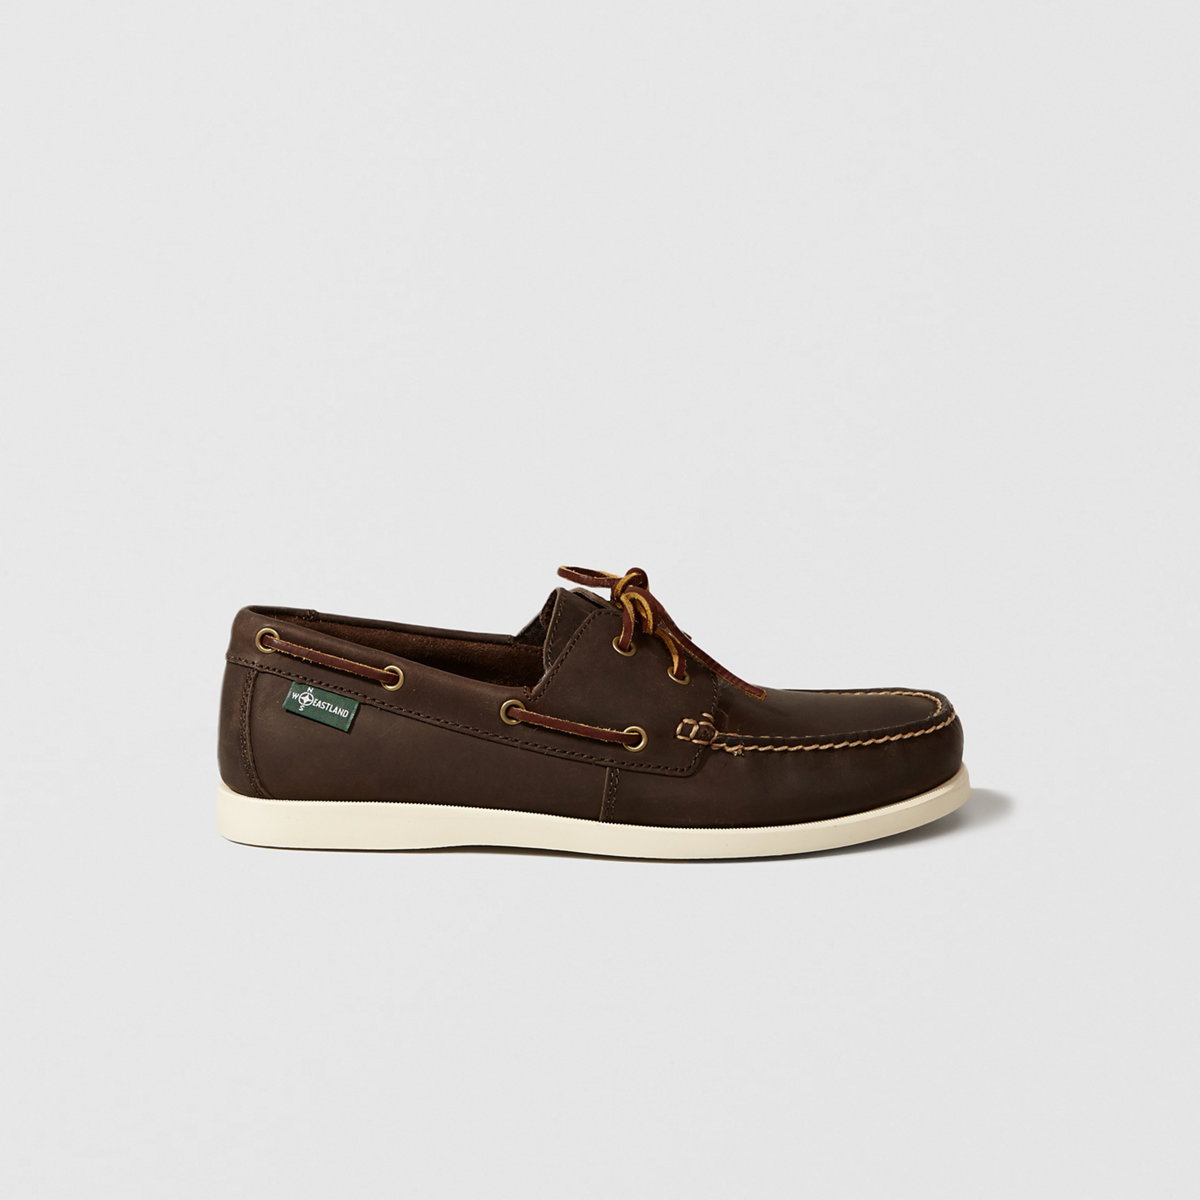 Eastland Kittery Boat Shoe